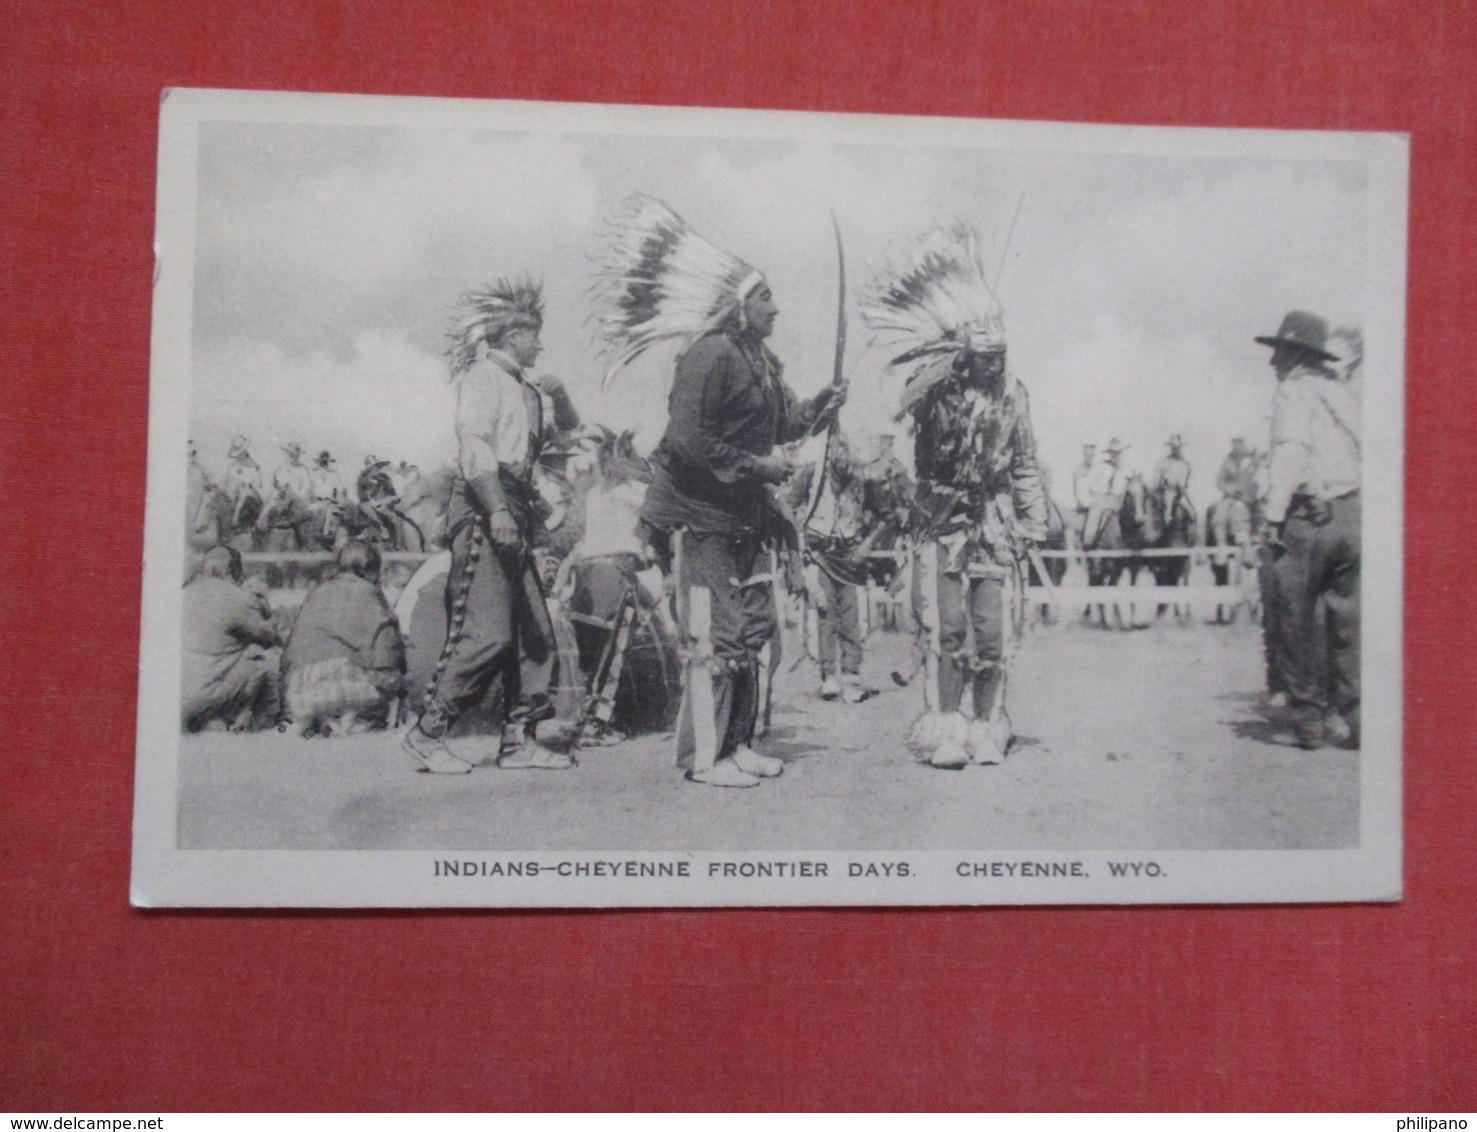 Indians Cheyenne Frontier Days Cheyenne WYo.     Ref    3589 - Native Americans